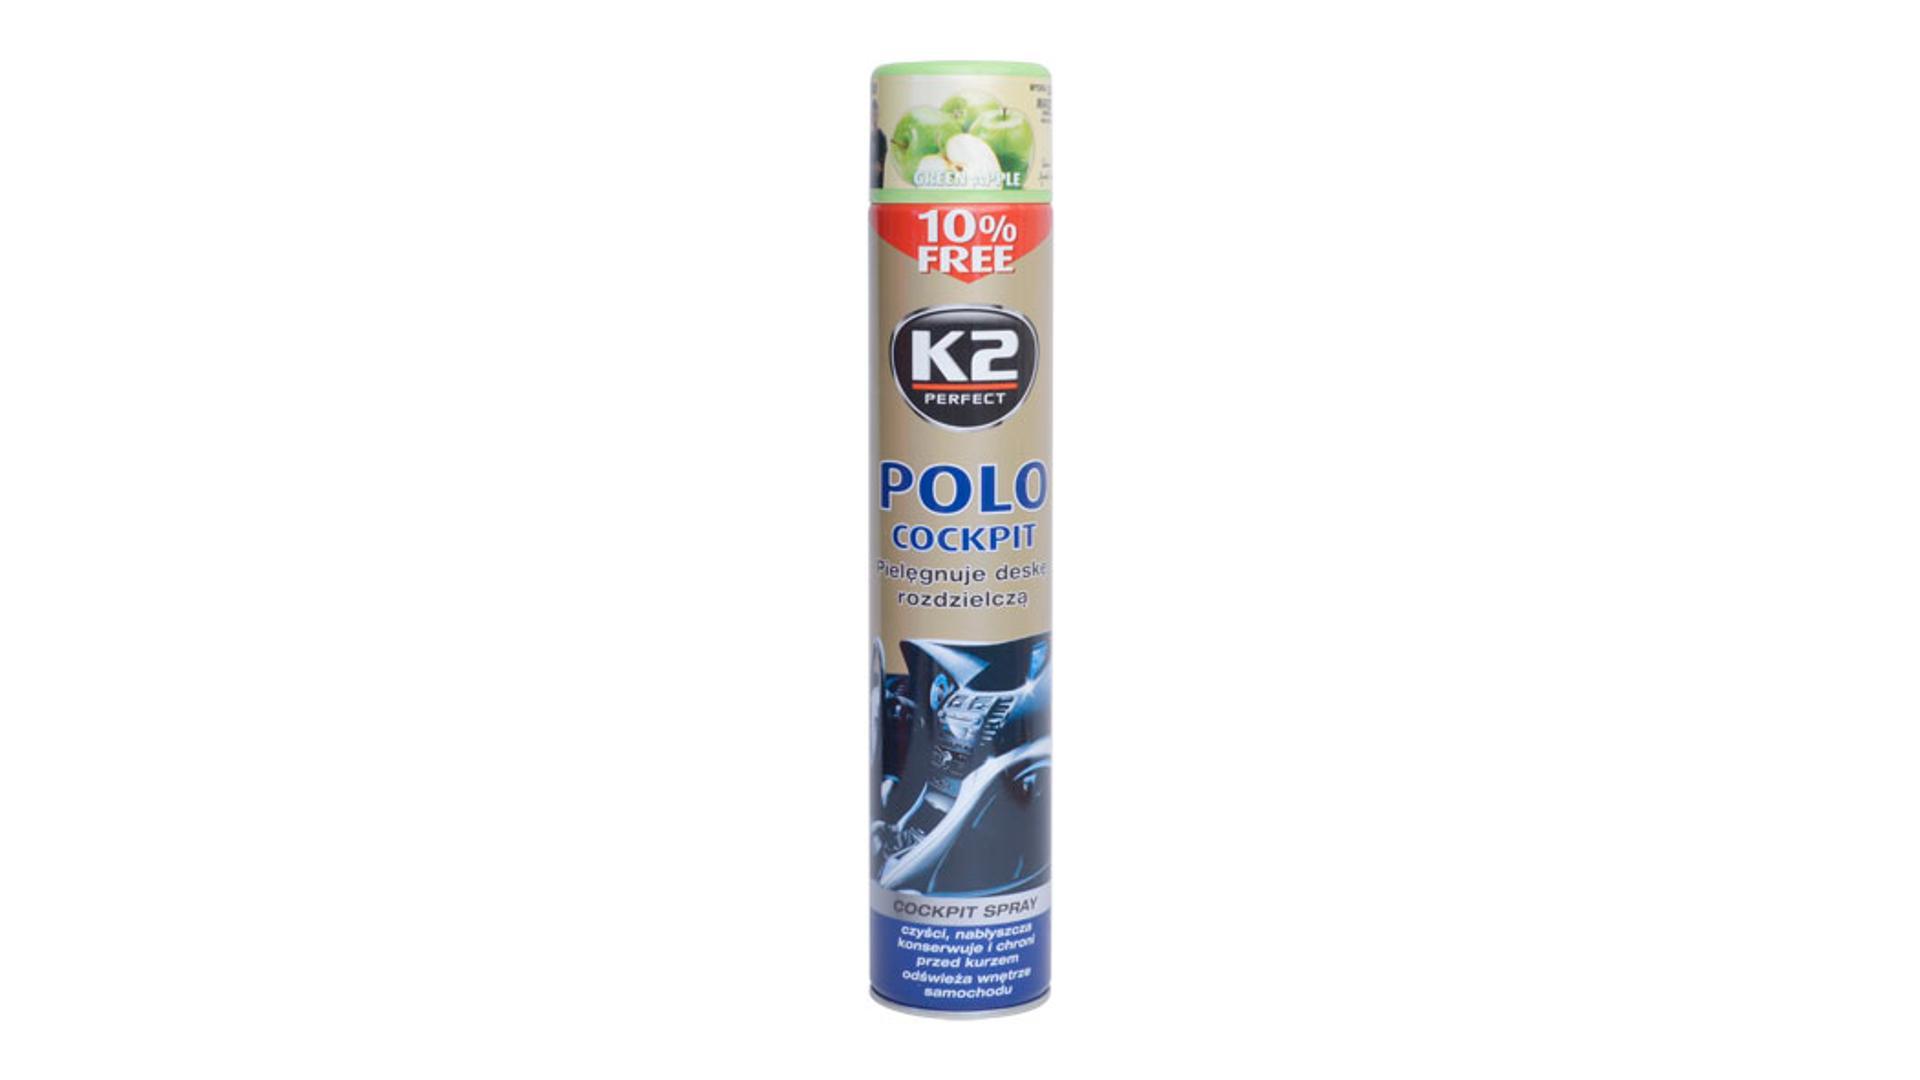 K2 POLO COCKPIT 750ml GREEN APPLE - ochrana vnitřních plastů